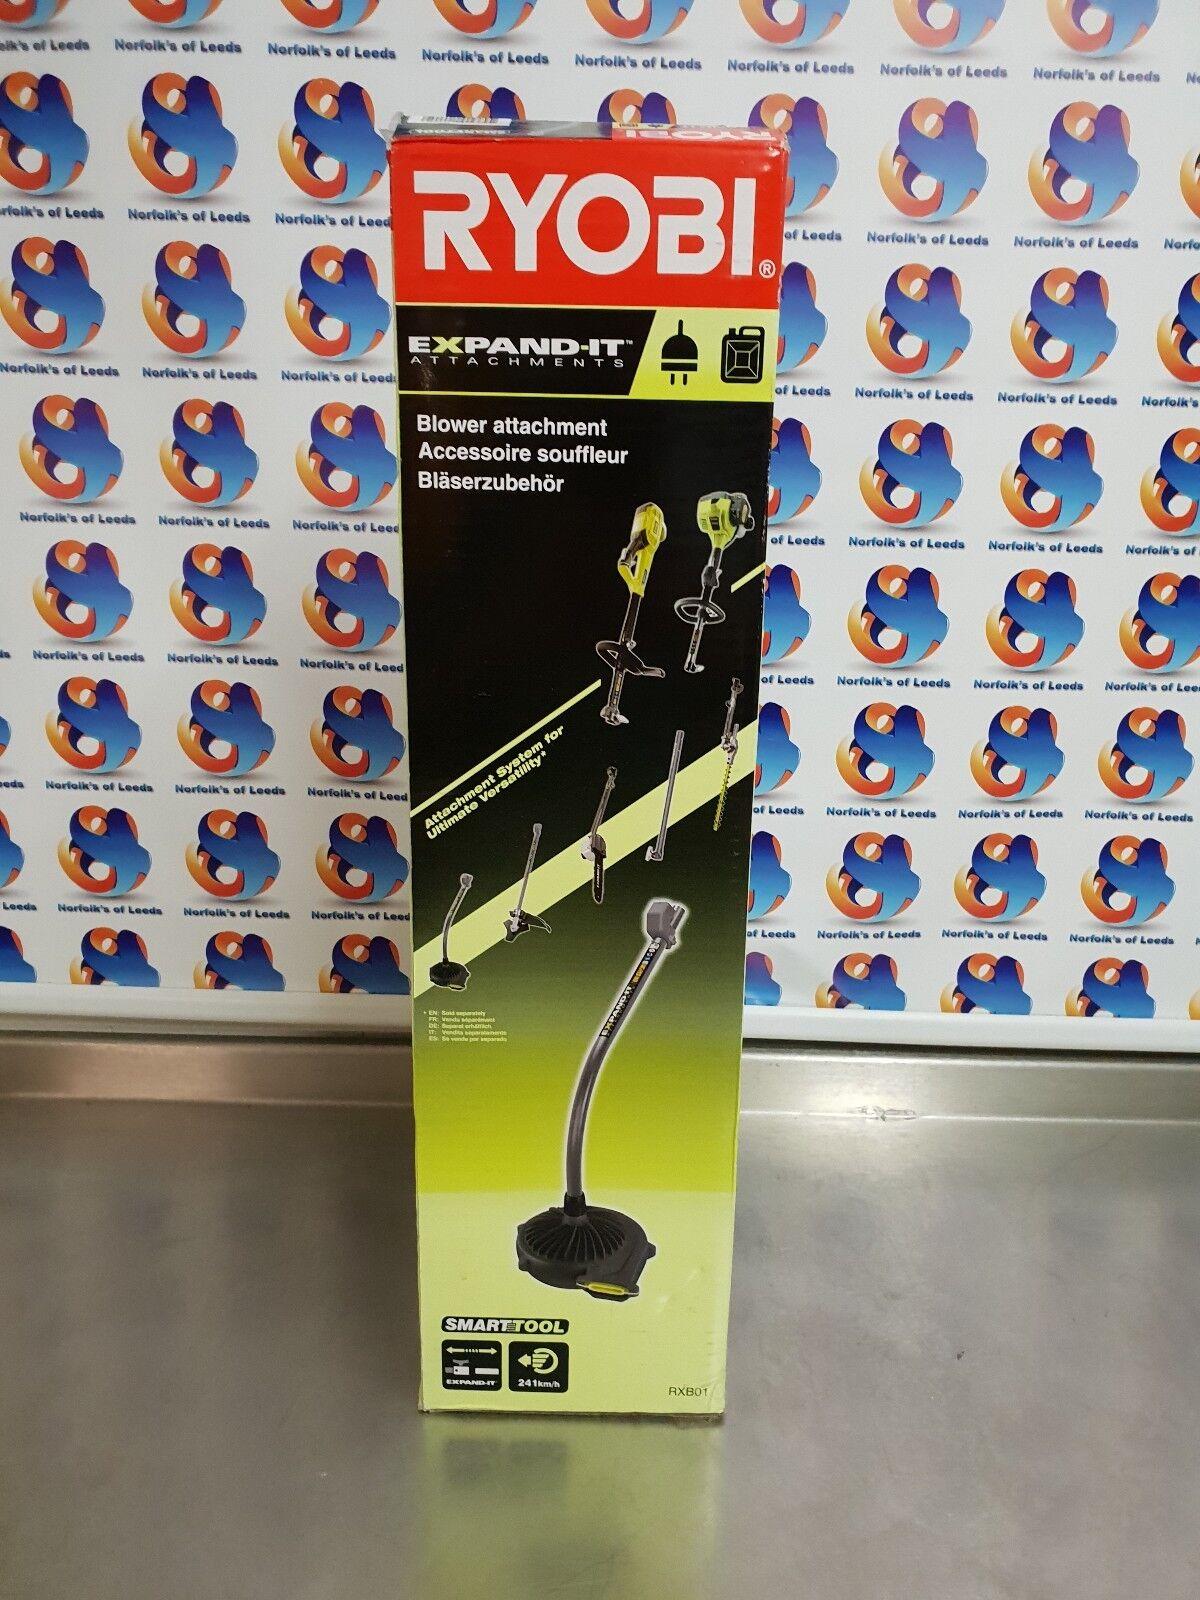 Ryobi RXB01 herramienta de Intelli-Soplador adjunto (M)